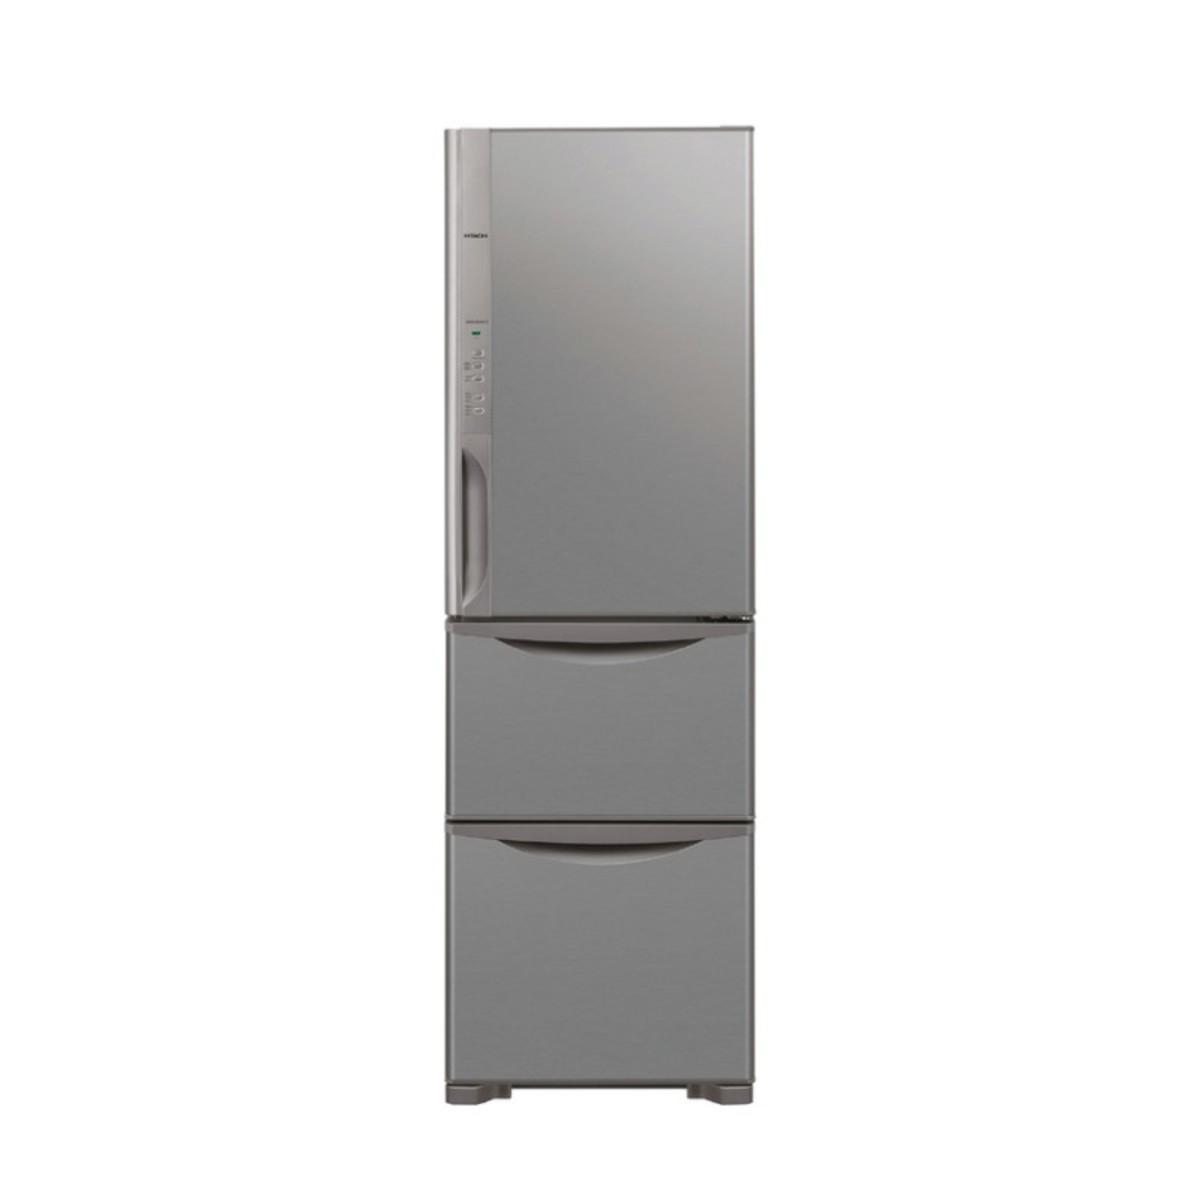 RS38FPHINX 329LIT 3Door Refrigerator